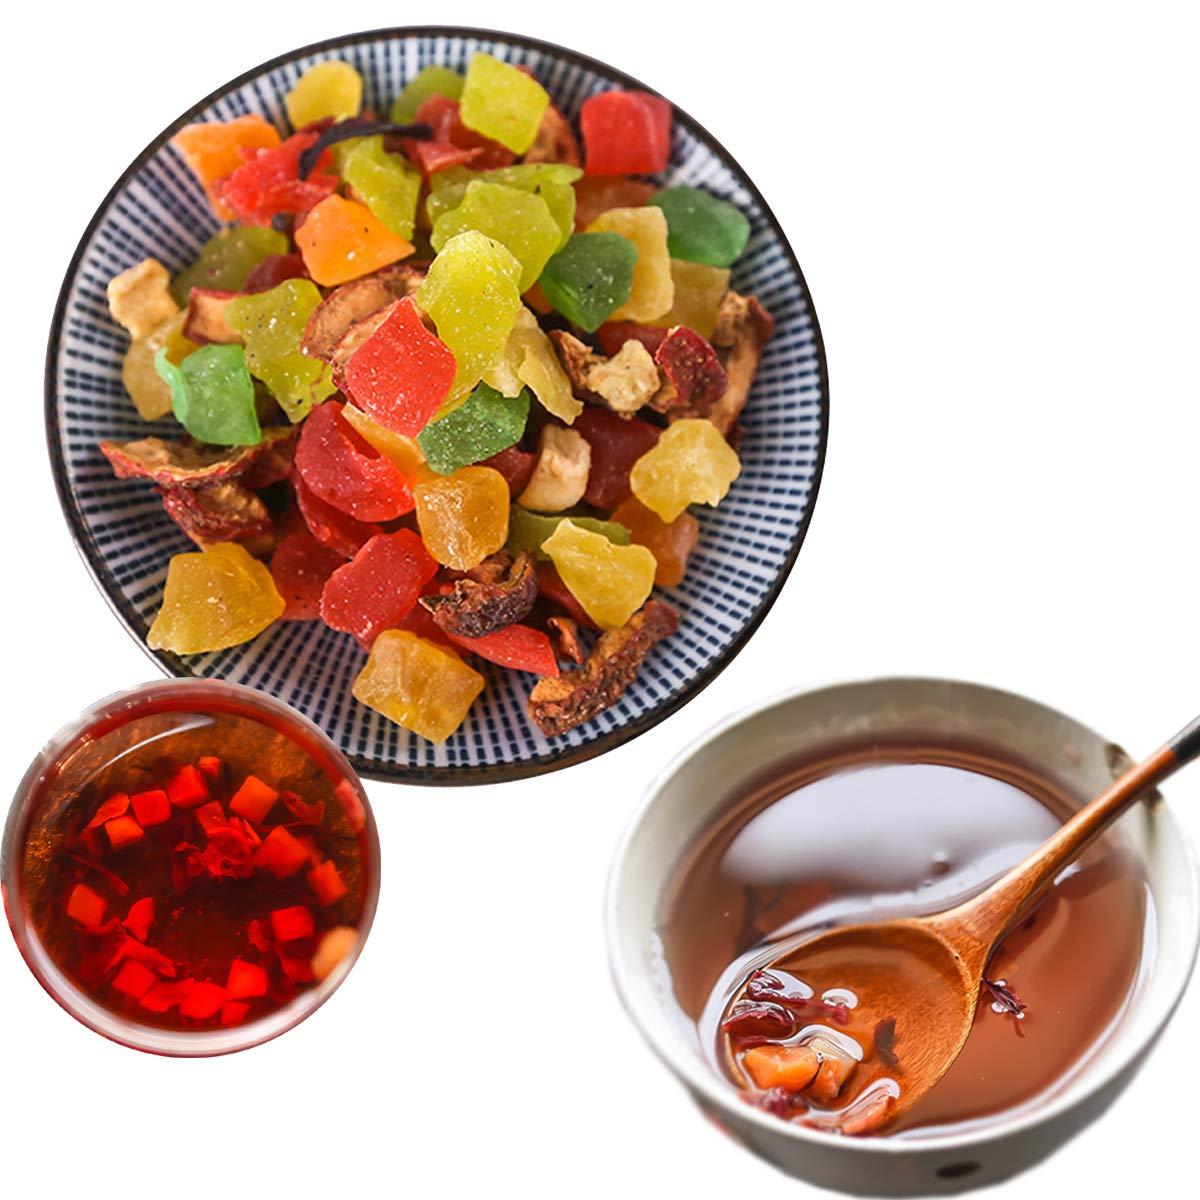 Chinesischer-Krutertee-Getrockneter-Roselle-Mischgetrockneter-Frchtetee-Neuer-duftender-Tee-Gesundheitswesen-blht-Tee-erstklassiges-gesundes-grnes-Lebensmittel